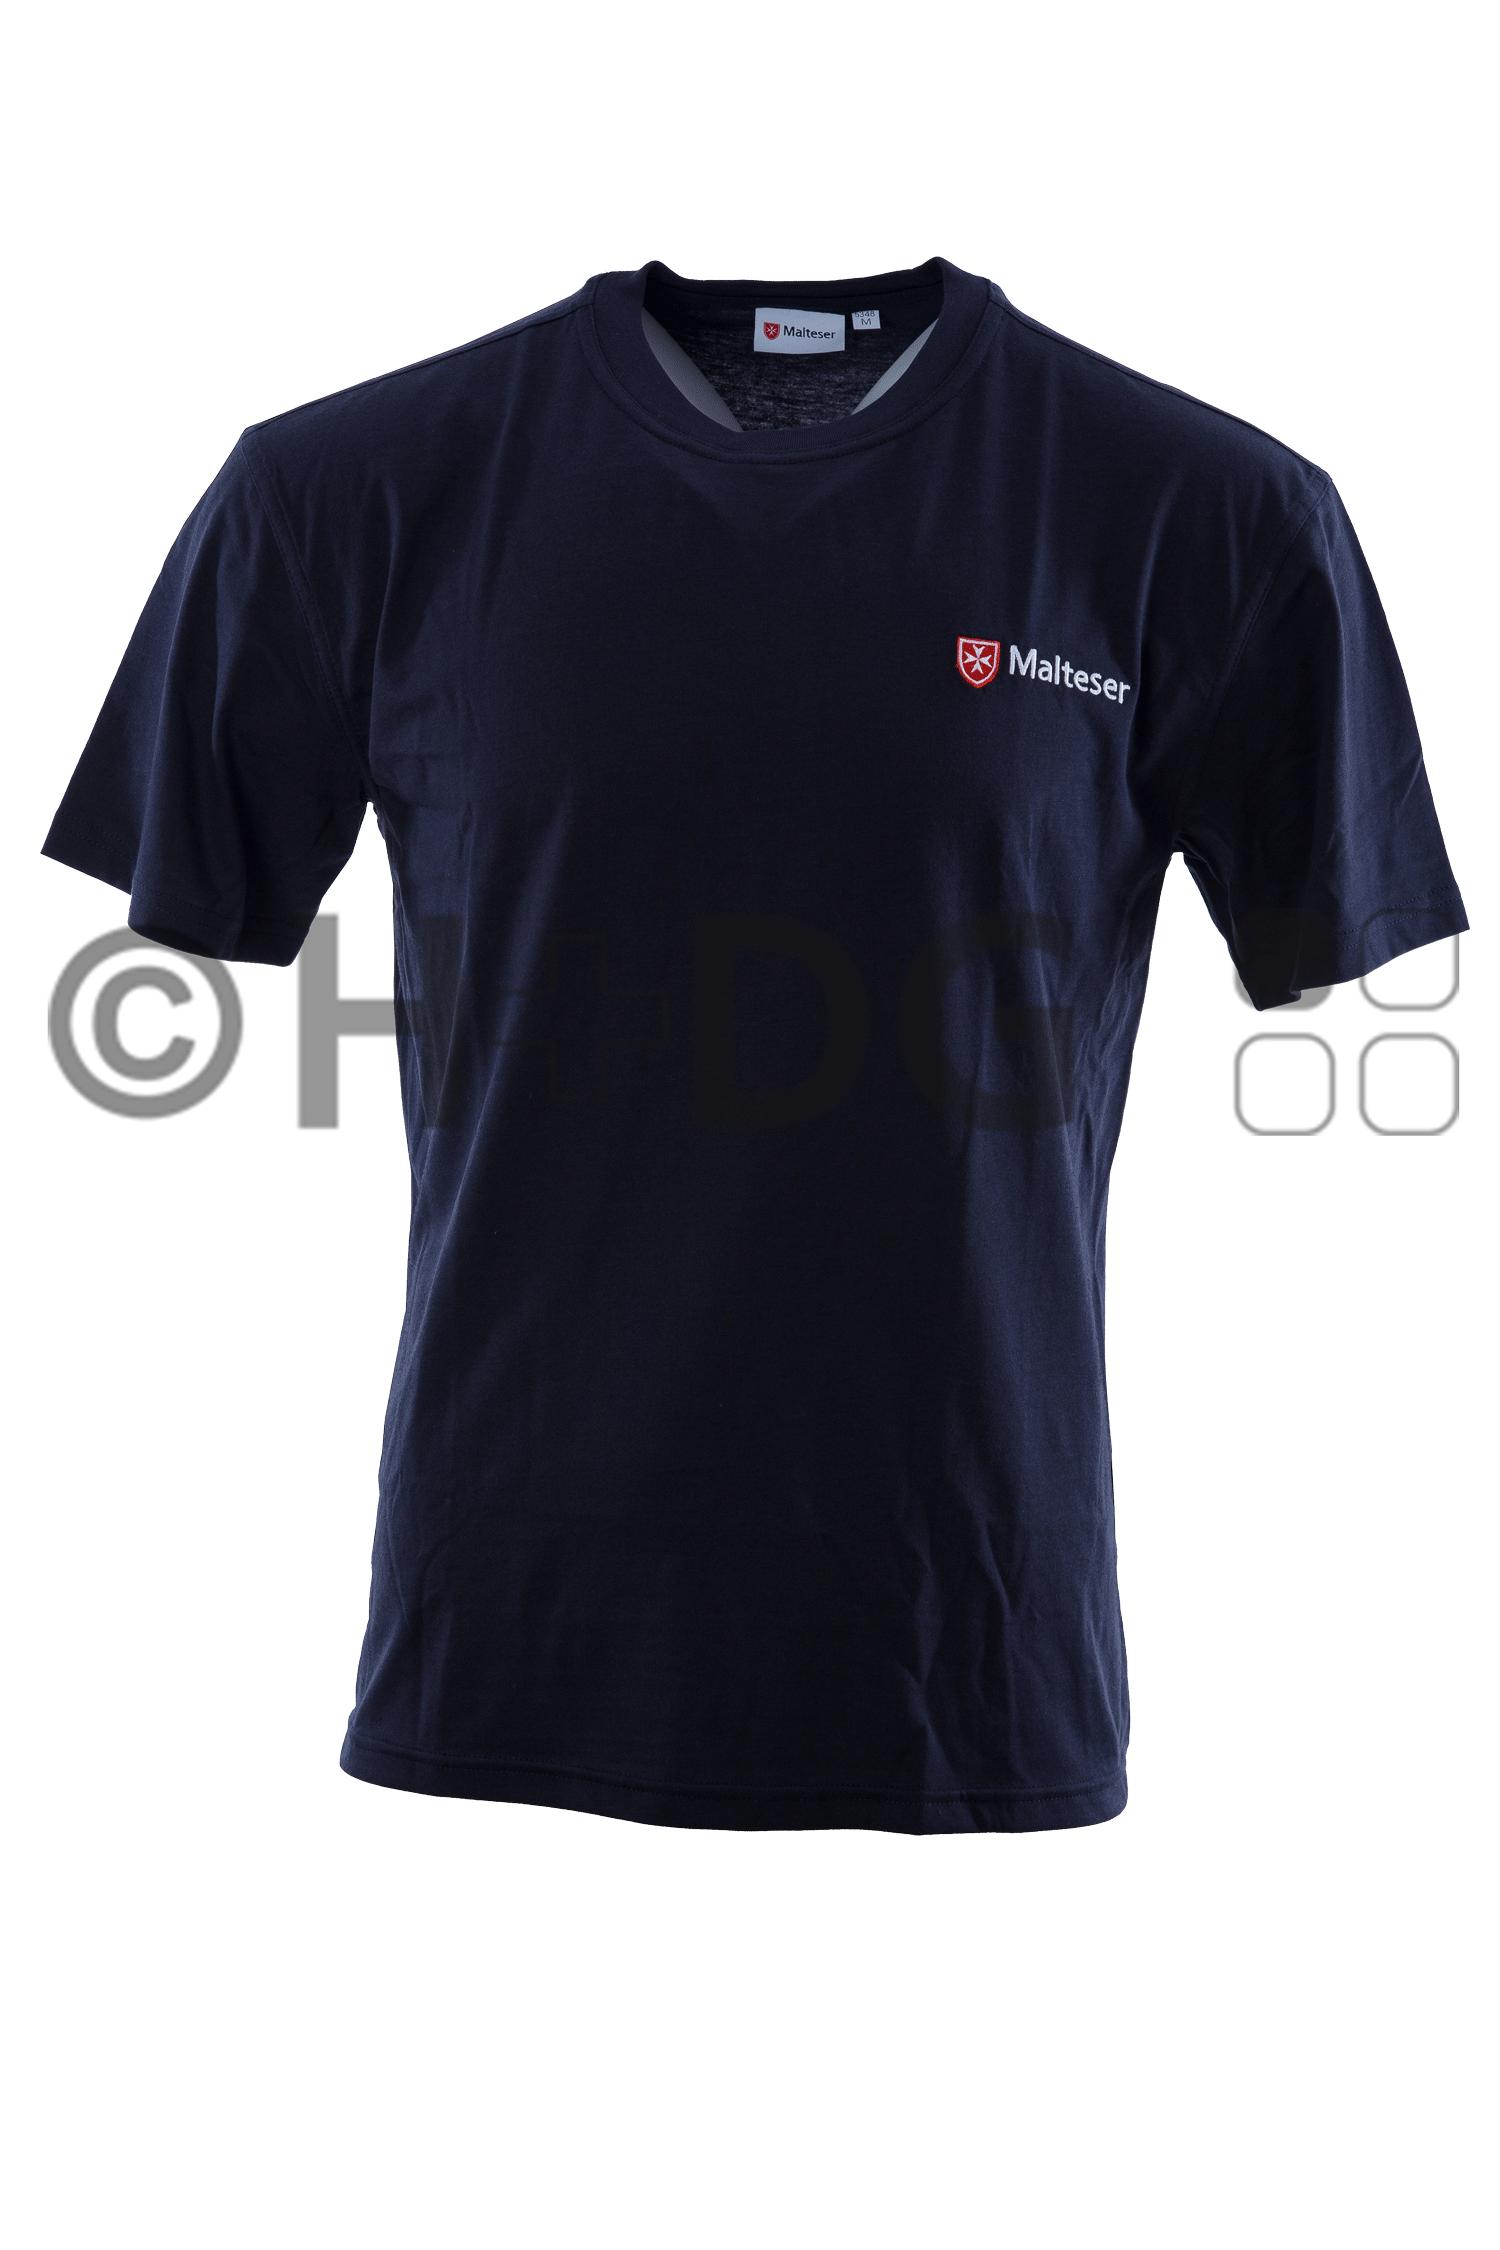 Malteser SSD-T-Shirt, dunkelblau | H+DG | {Schulsanitäter ausweis 67}